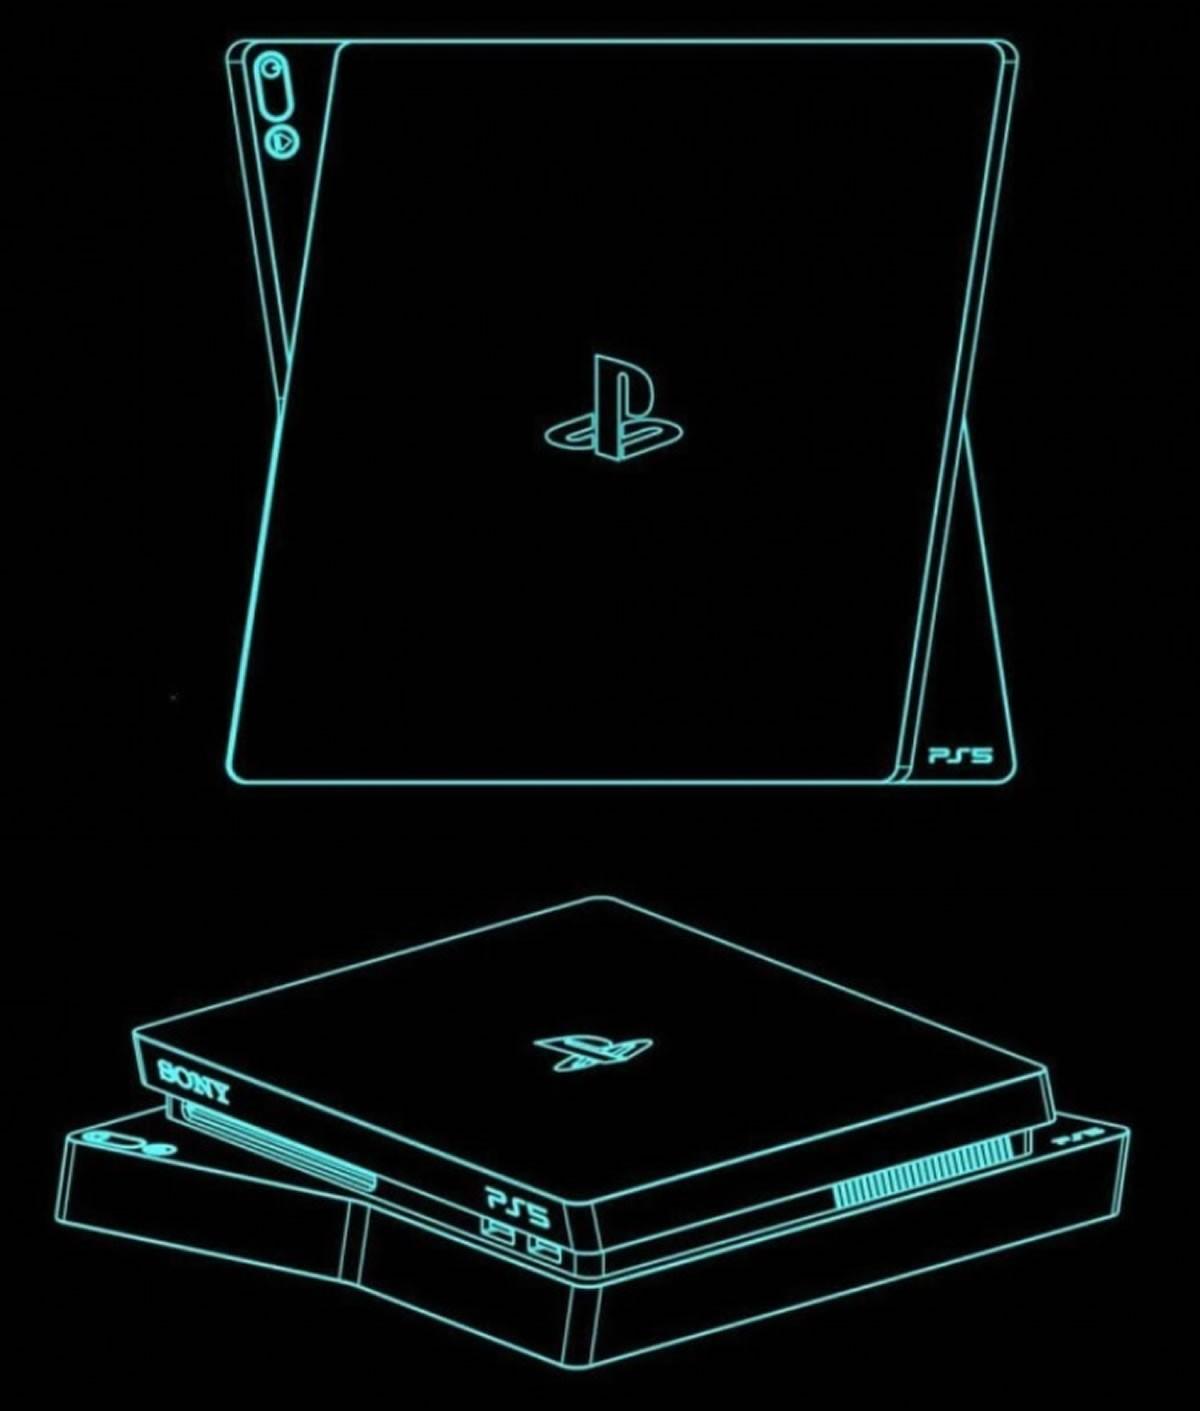 [MAJ] SONY Playstation 5 : Une présentation le 5 février à NY et un lancement en Octobre à 449 euros ?